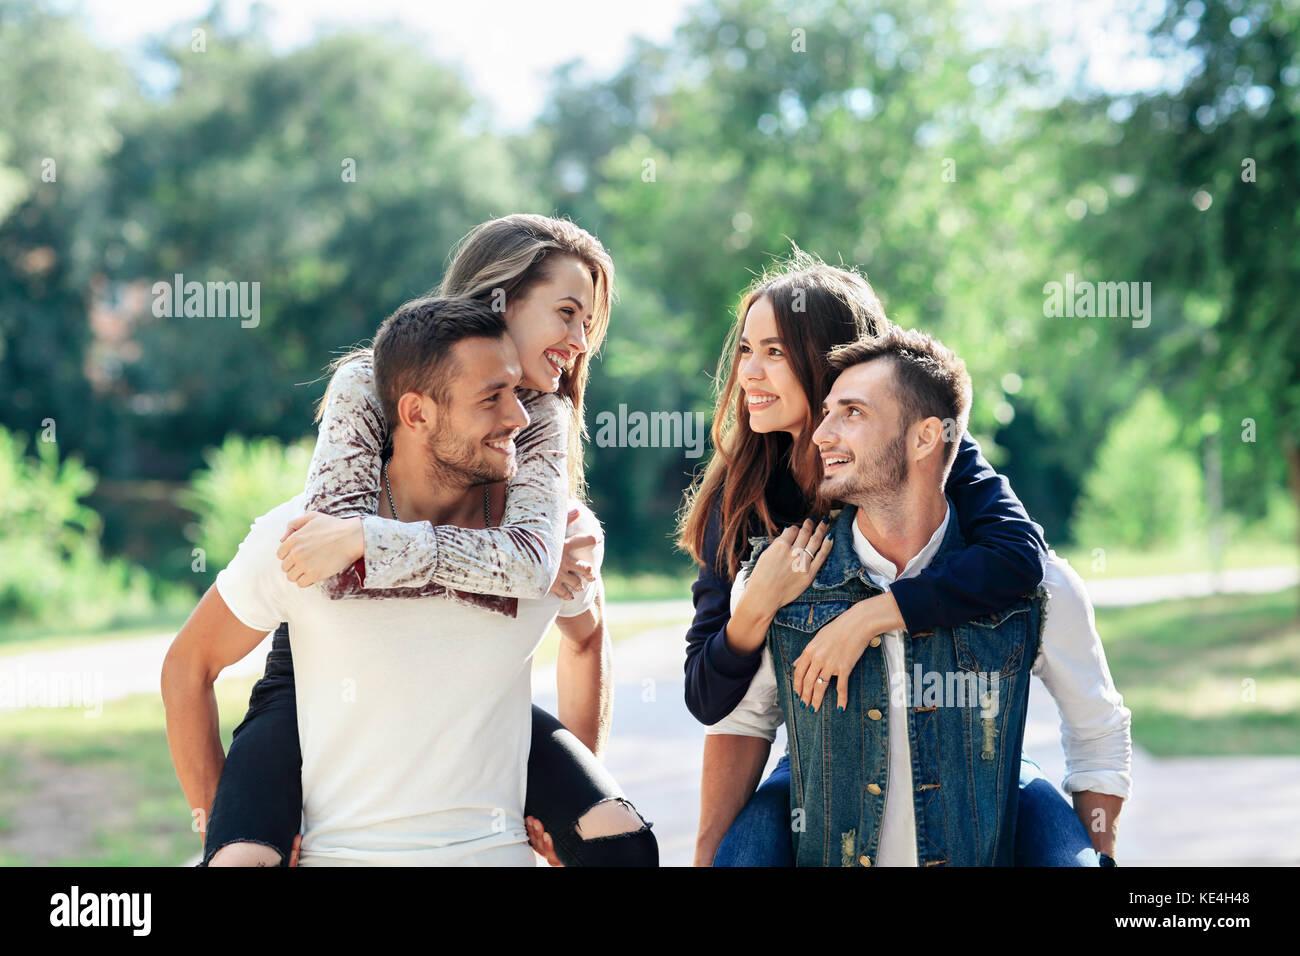 Dos enamorados piggyback divertirse al aire libre. Las niñas sentados en la espalda de chicos sonriendo. mujeres y hombres jóvenes jugando en el parque, y mirando cada int Foto de stock